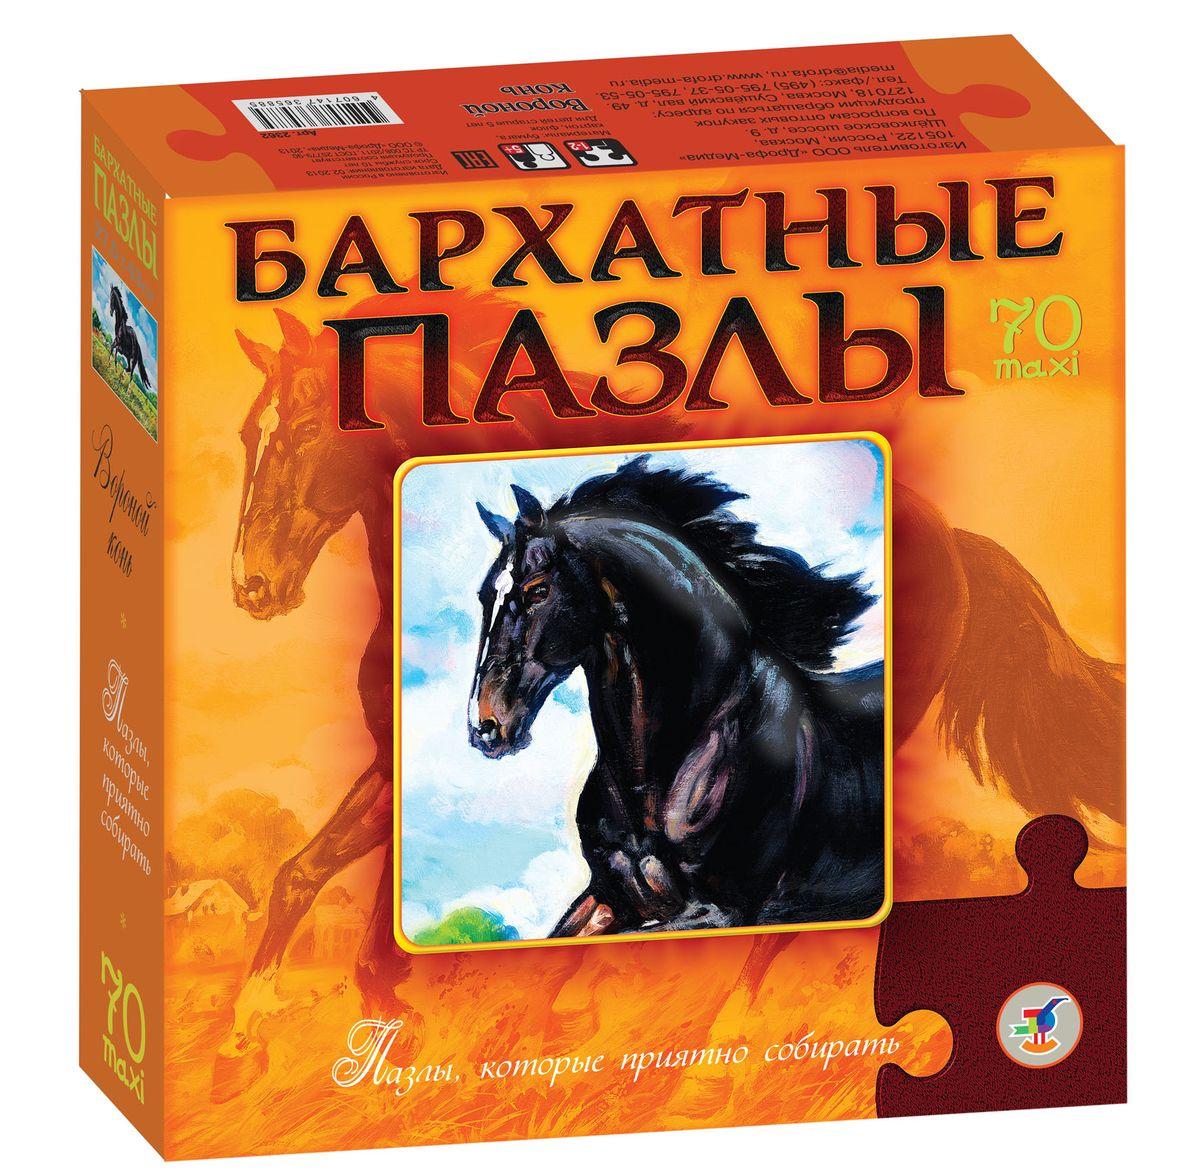 Дрофа-Медиа Пазл для малышей Вороной конь пазлы дрофа медиа бархатные пазлы тигр новинка черный бархат